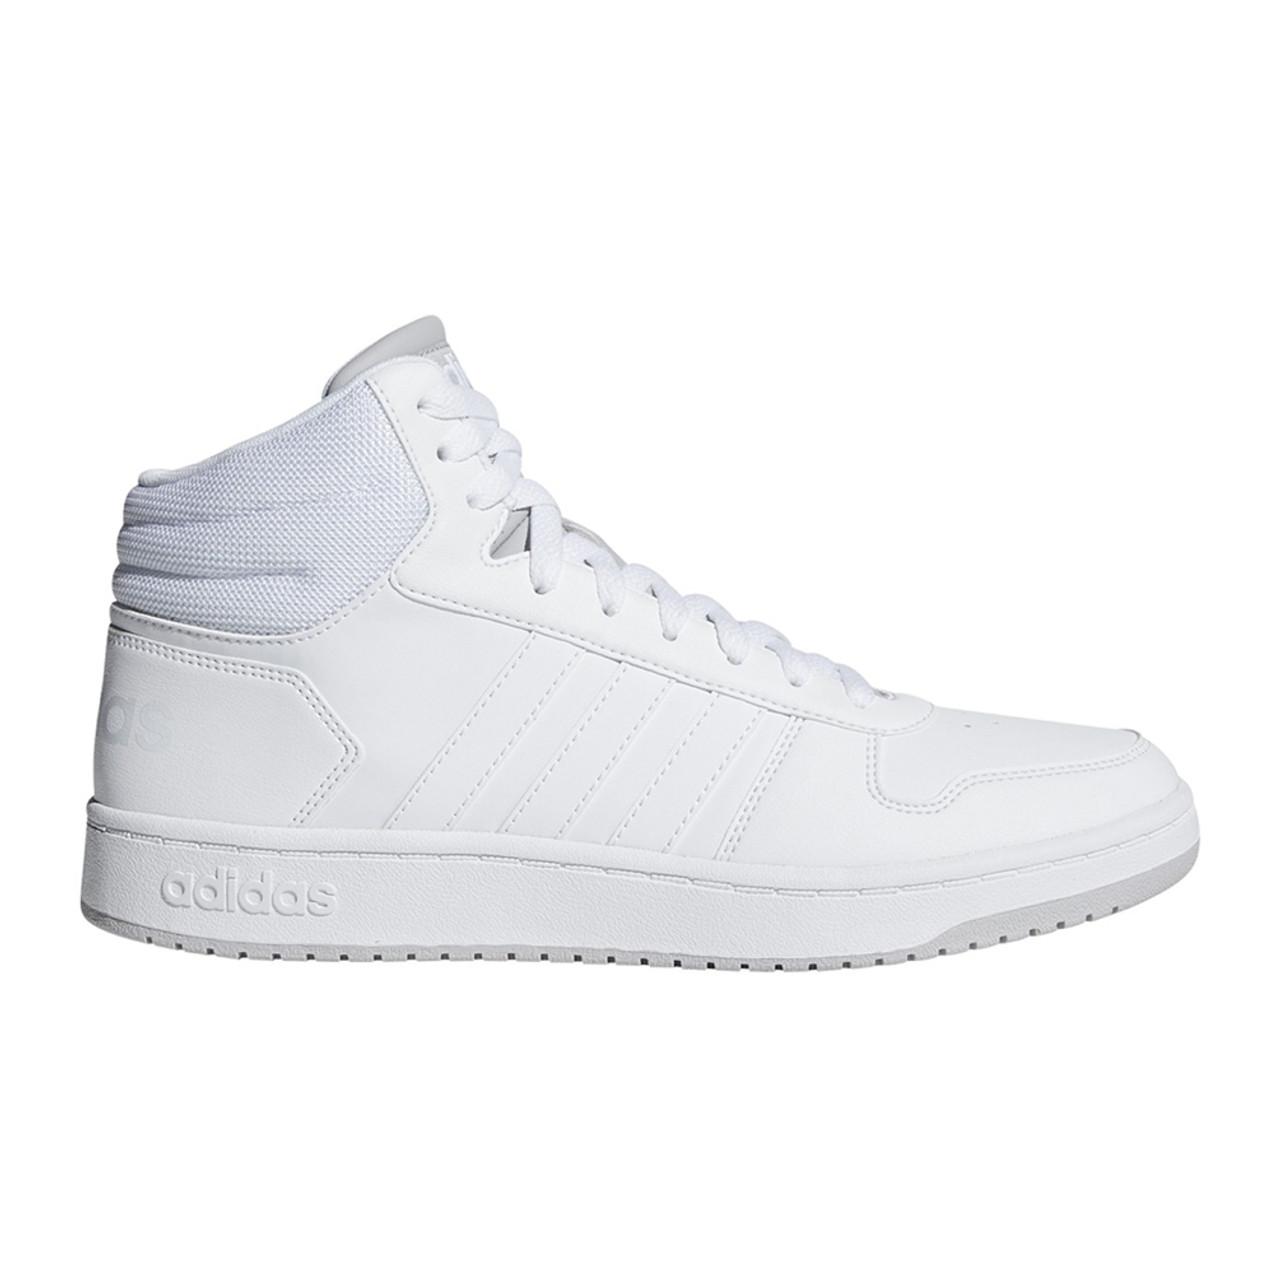 Adidas Men's Hoops 2.0 Mid Basketball Sneaker White